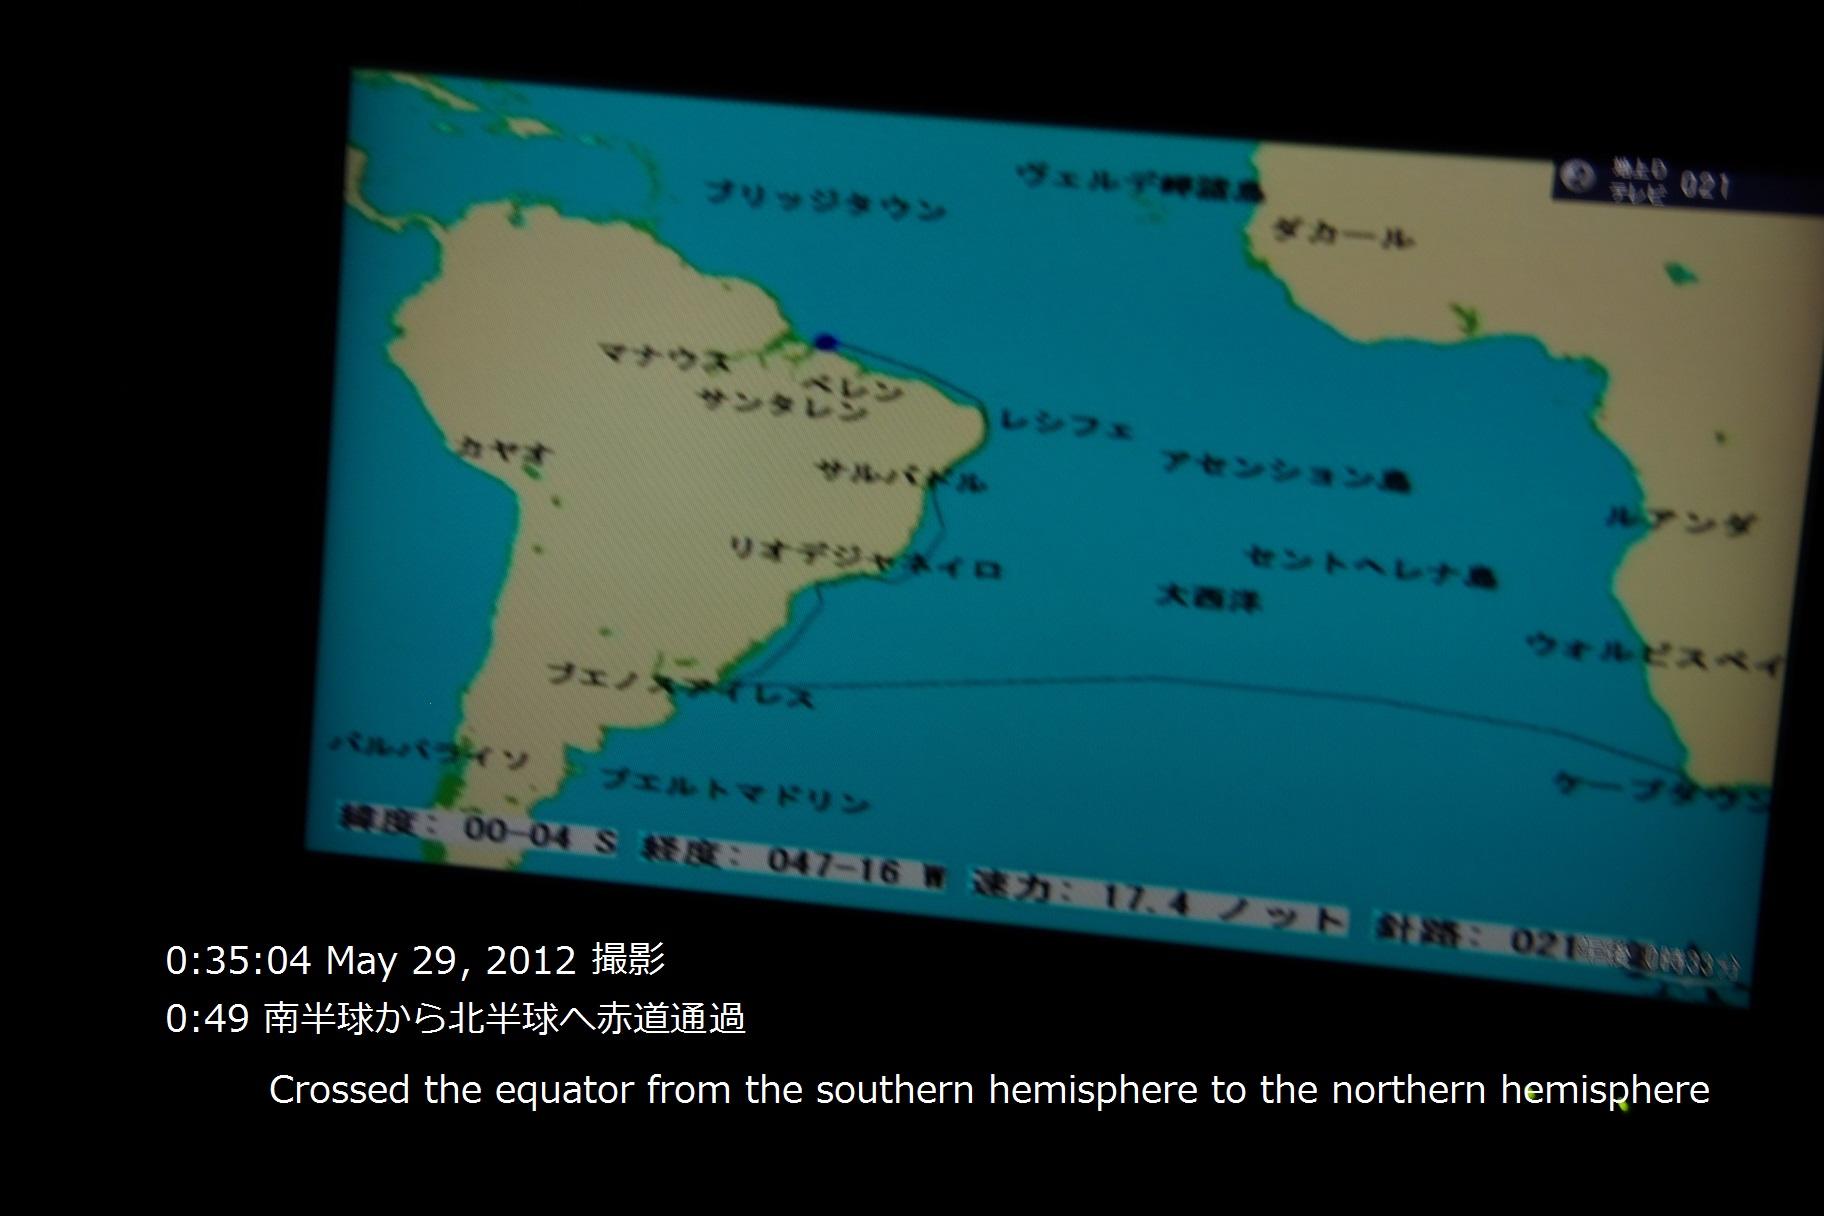 早朝赤道通過 Crossed the Equator Early Morning_e0140365_21314560.jpg